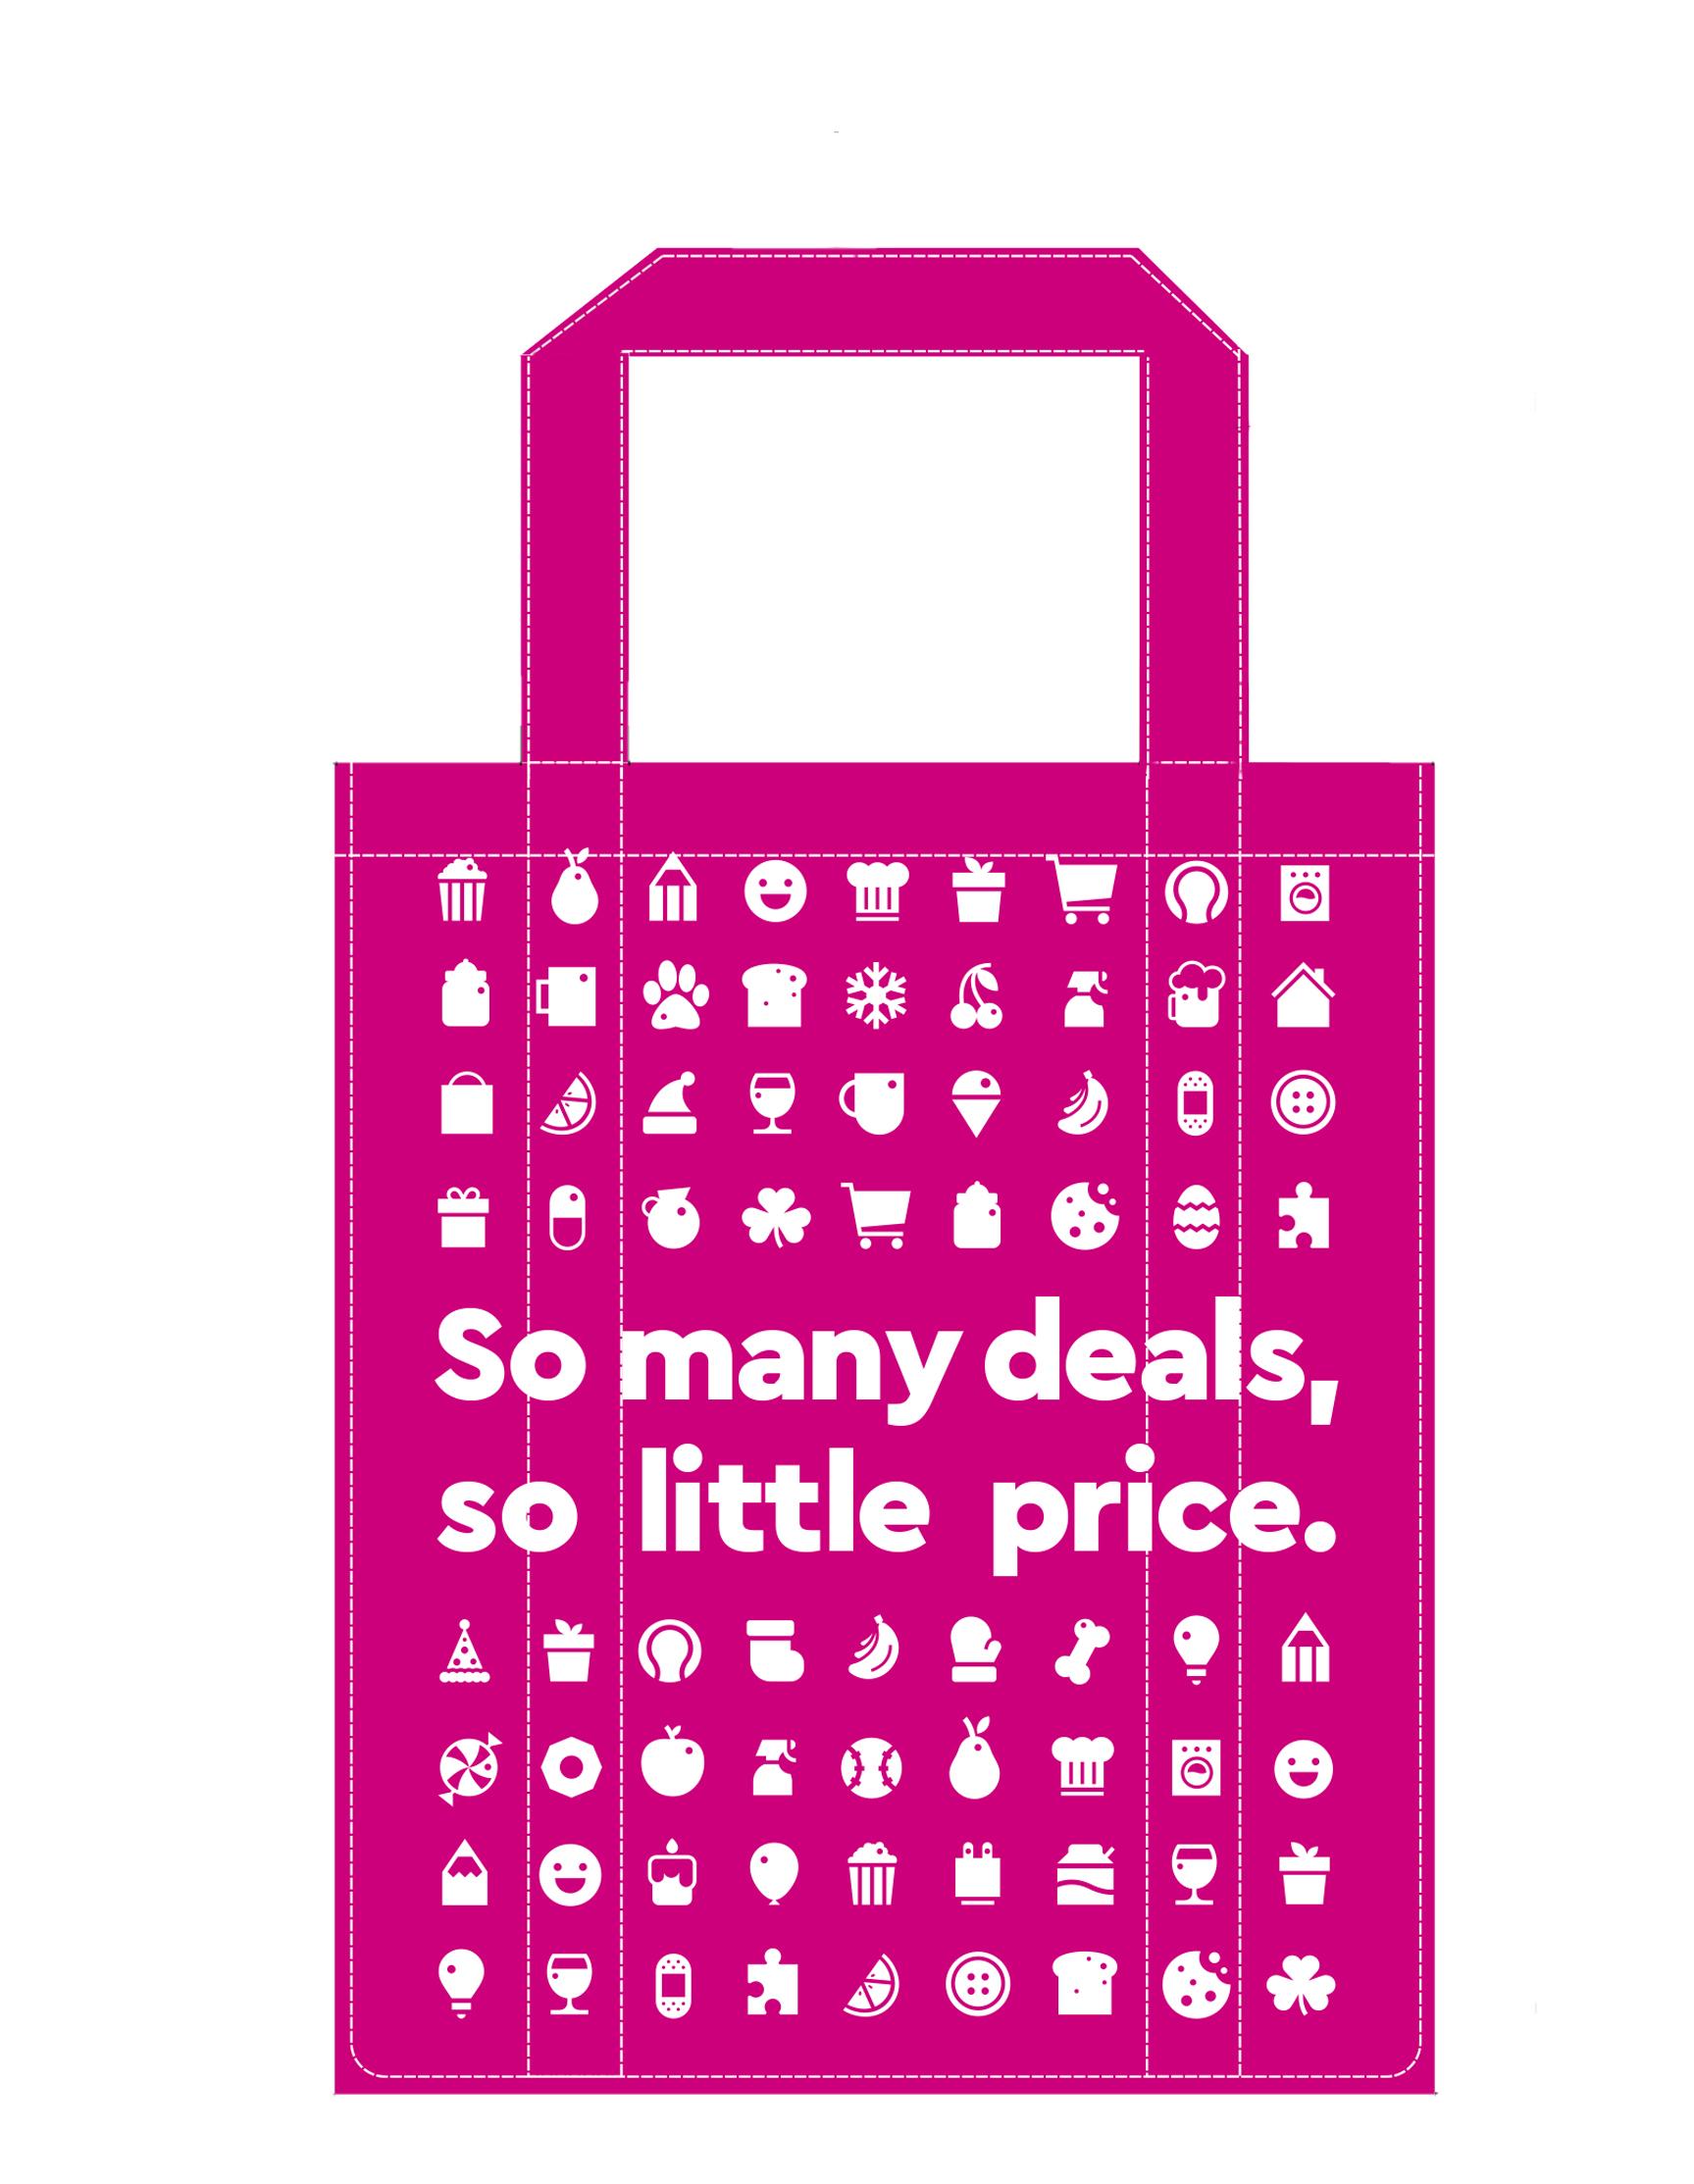 so many deals.jpg